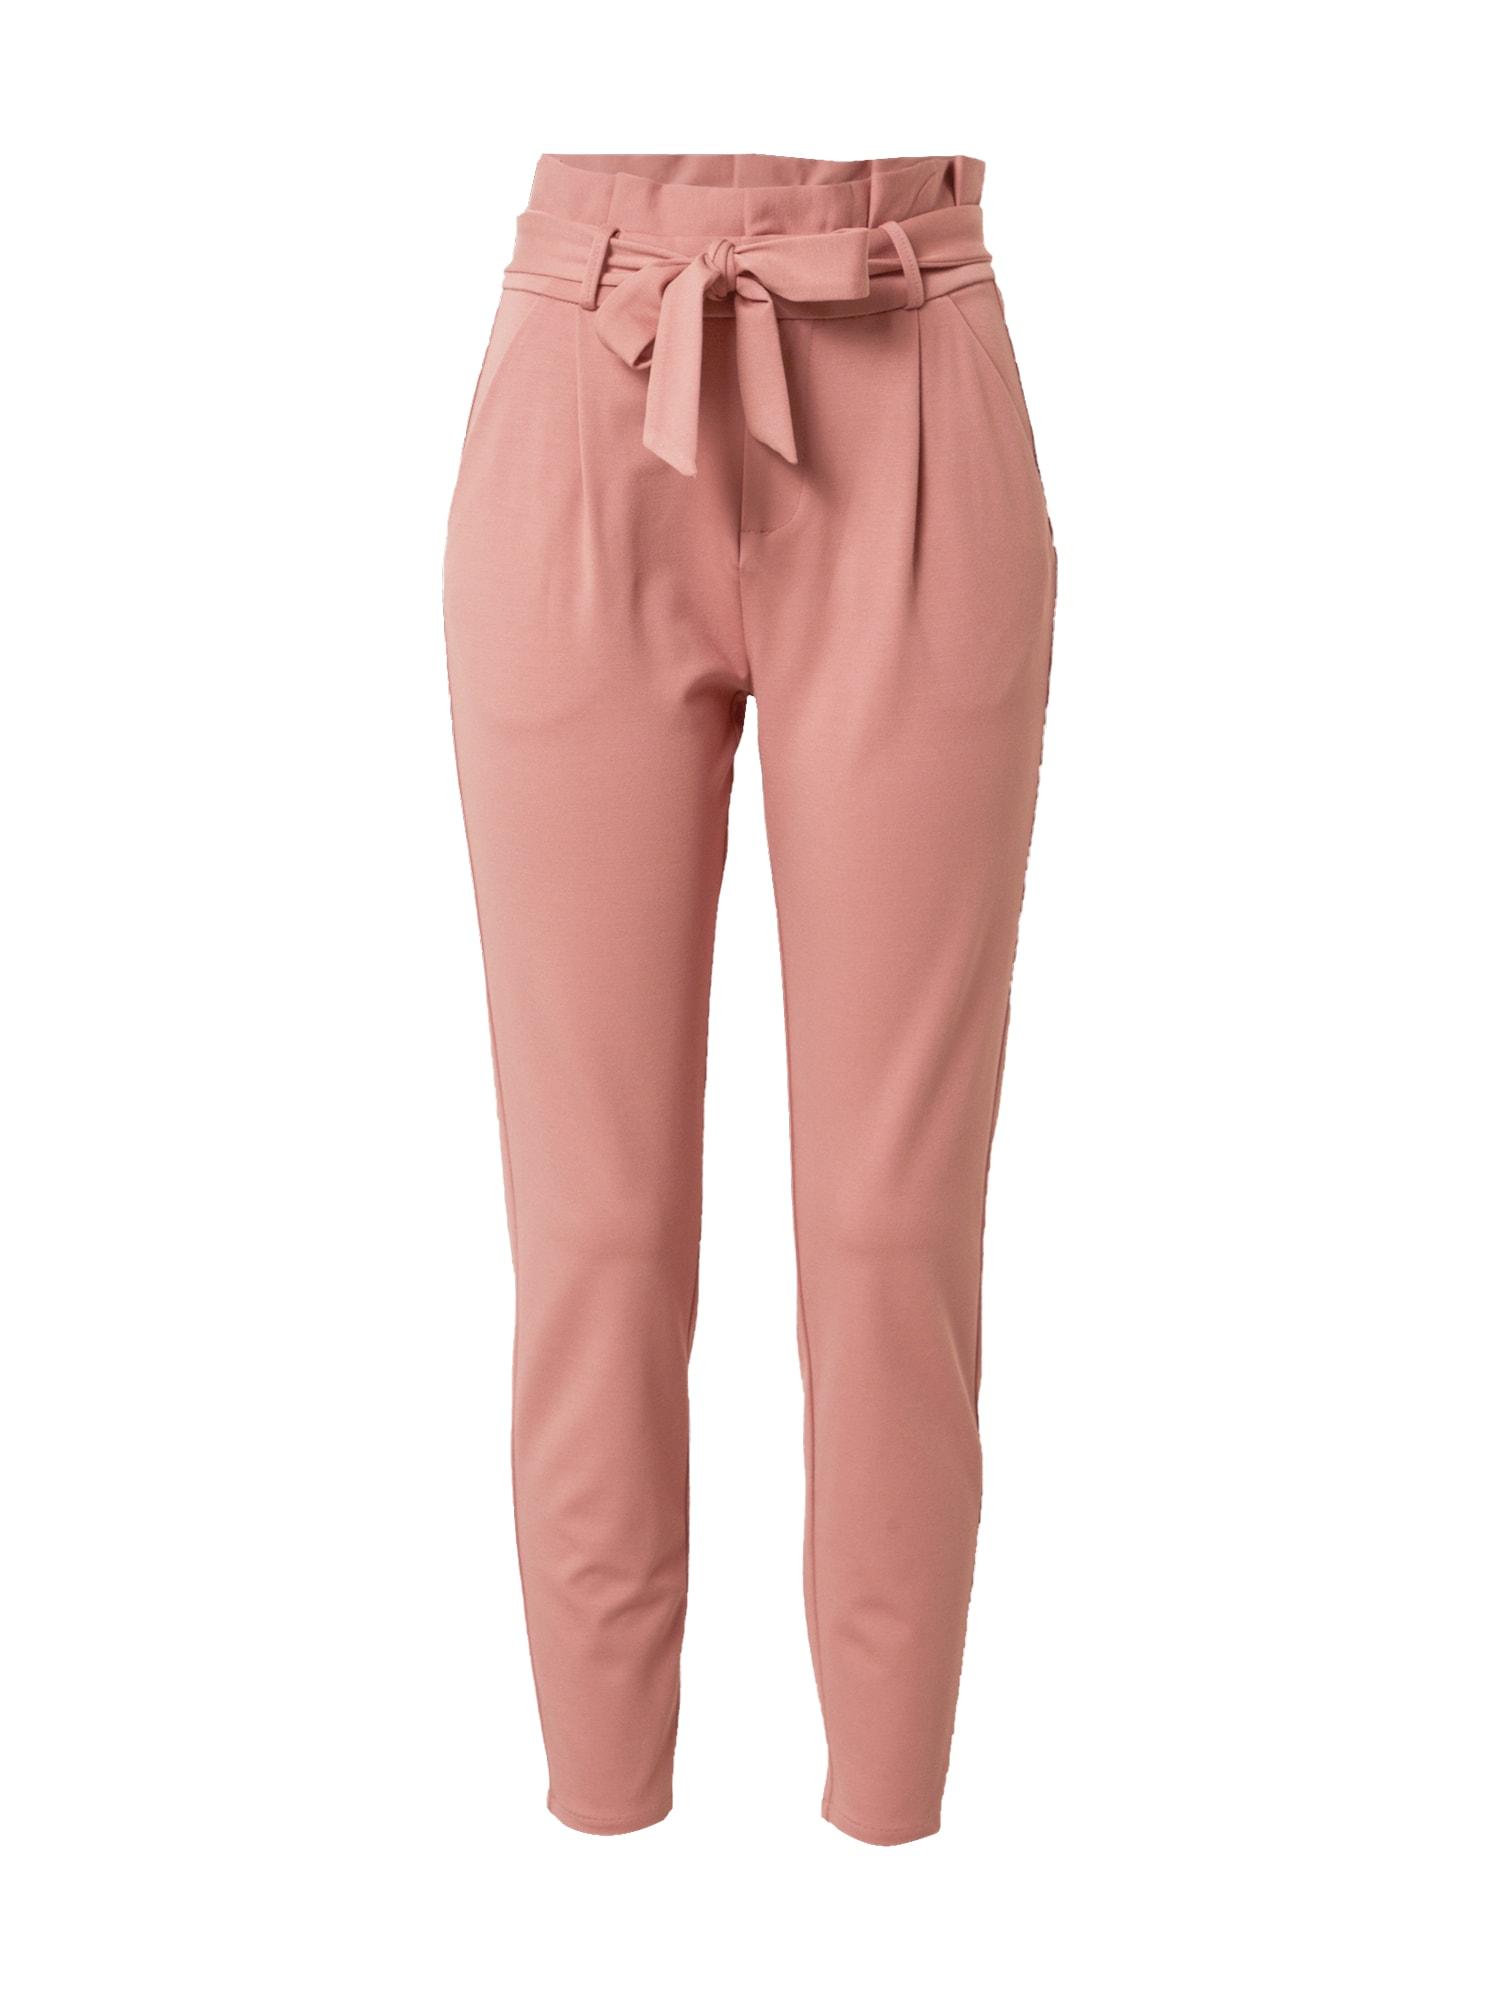 VERO MODA Klostuotos kelnės ryškiai rožinė spalva